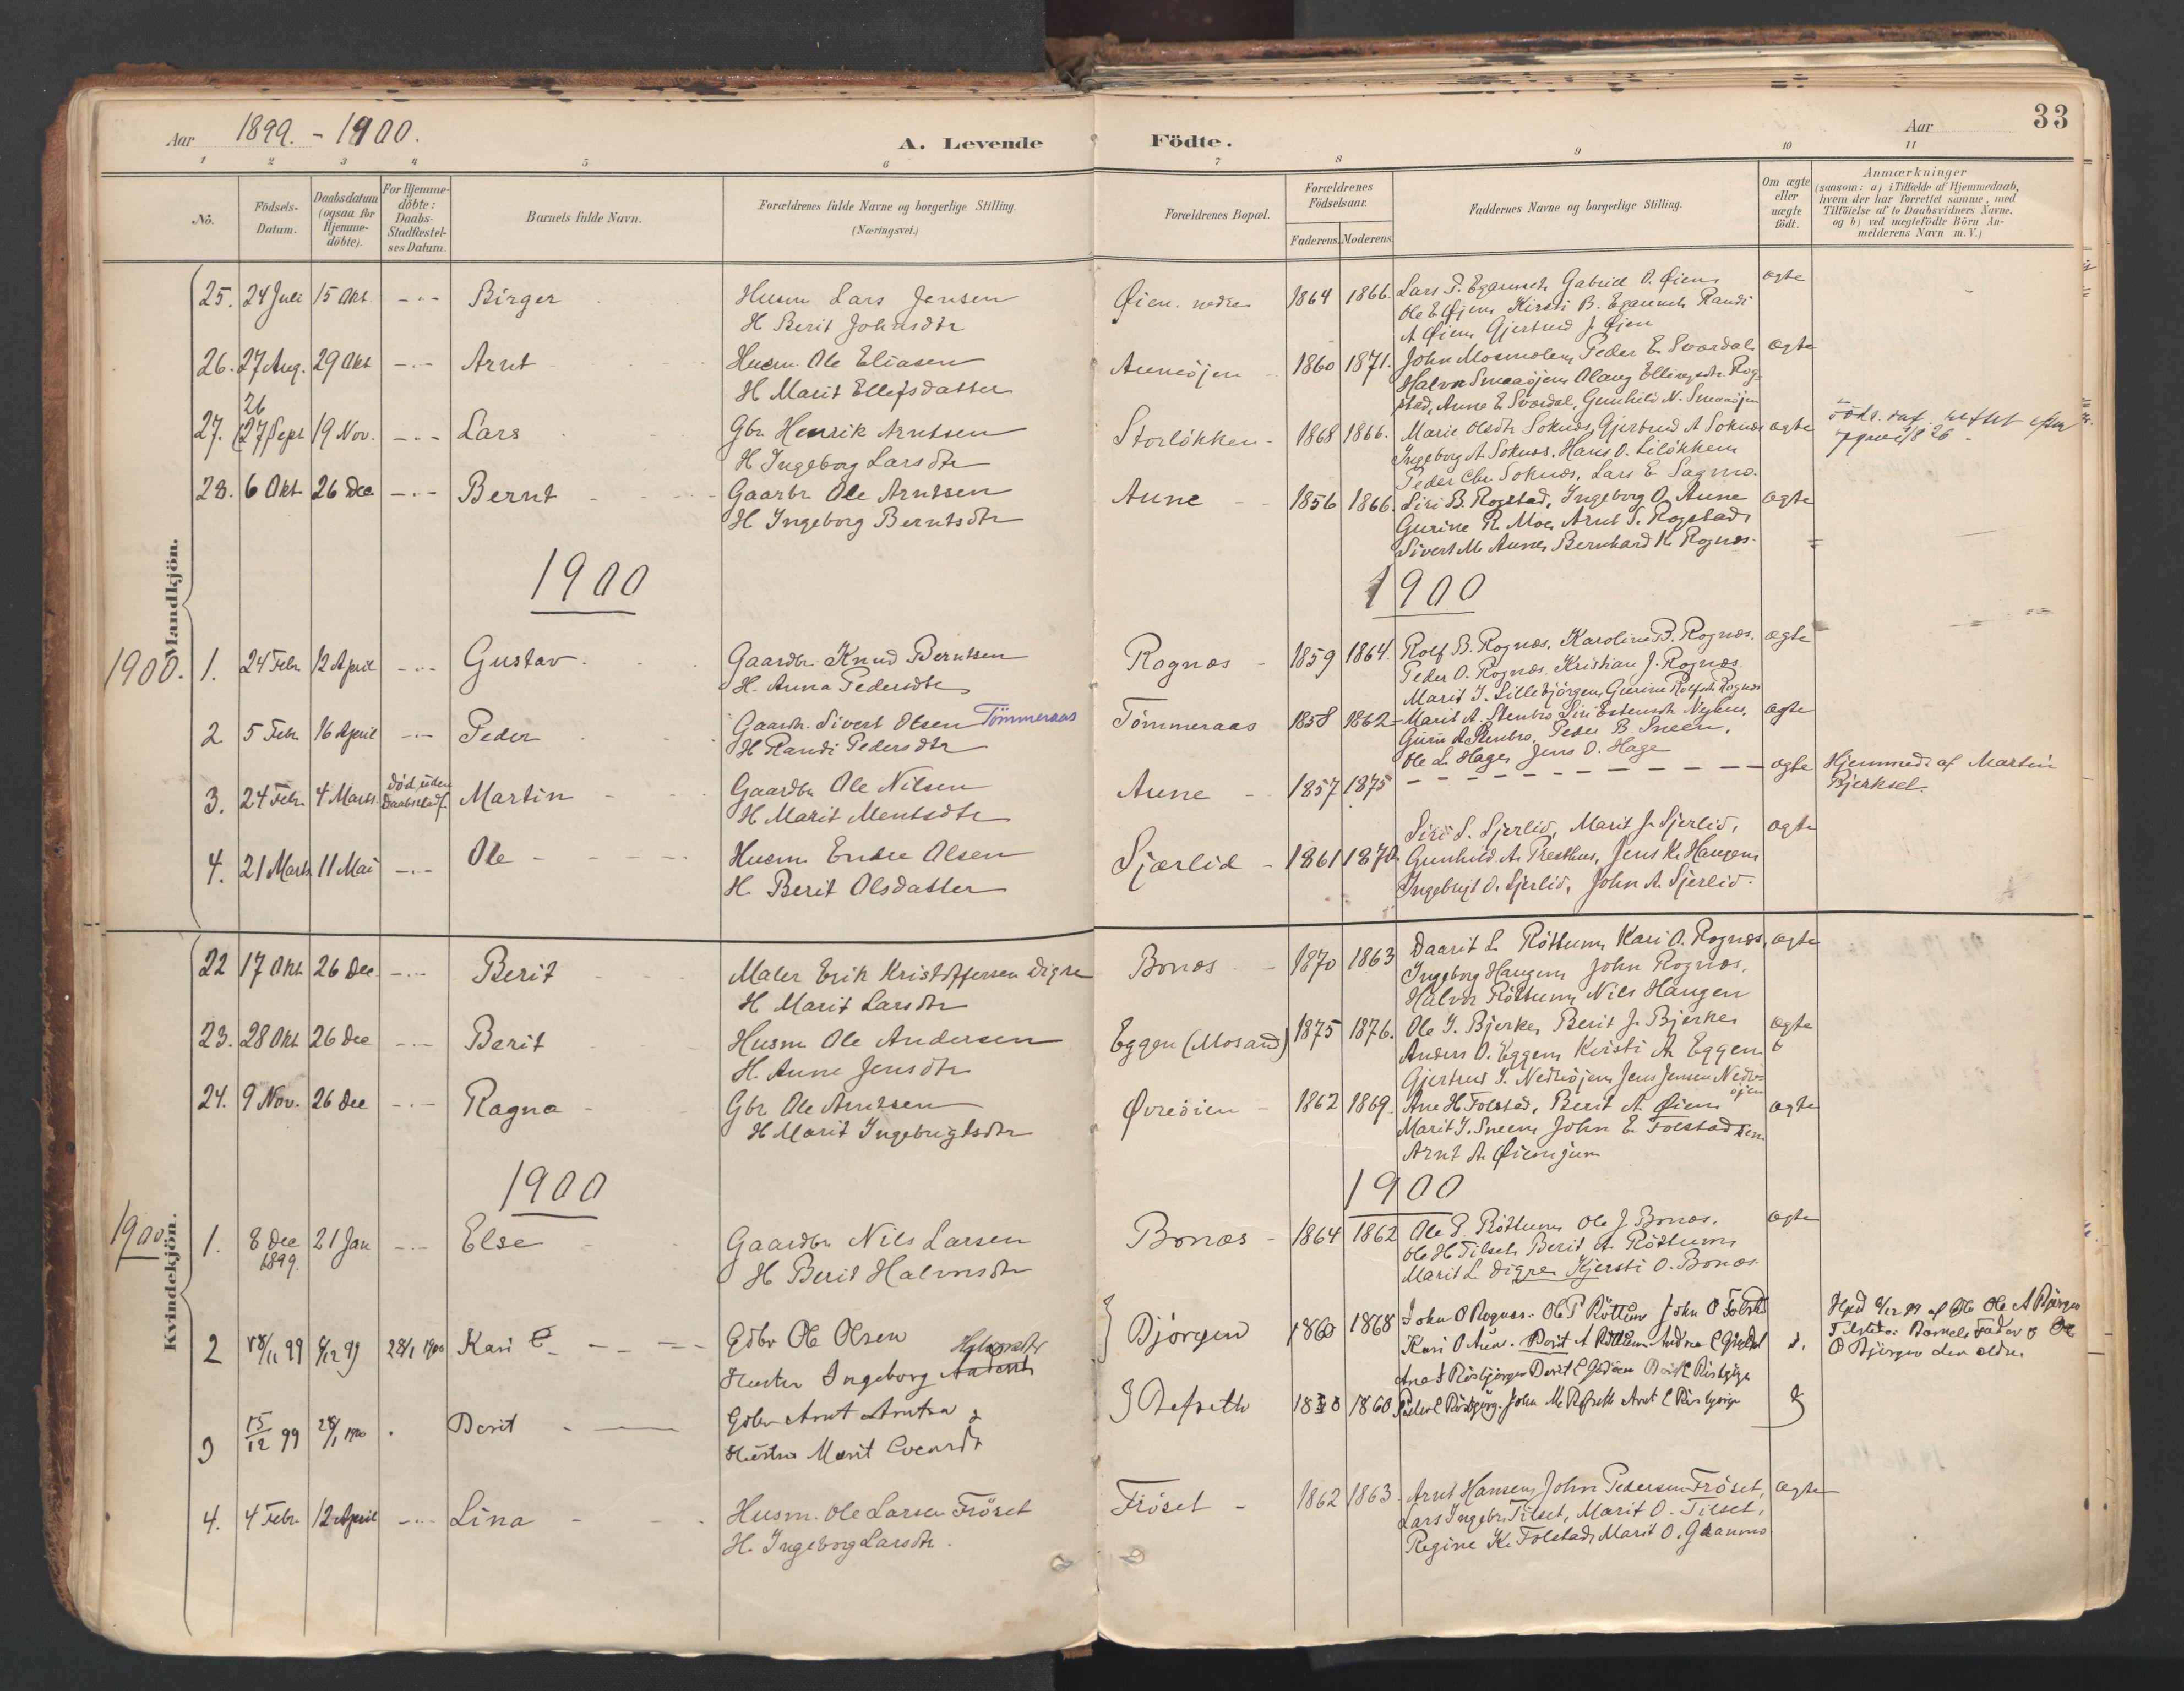 SAT, Ministerialprotokoller, klokkerbøker og fødselsregistre - Sør-Trøndelag, 687/L1004: Ministerialbok nr. 687A10, 1891-1923, s. 33